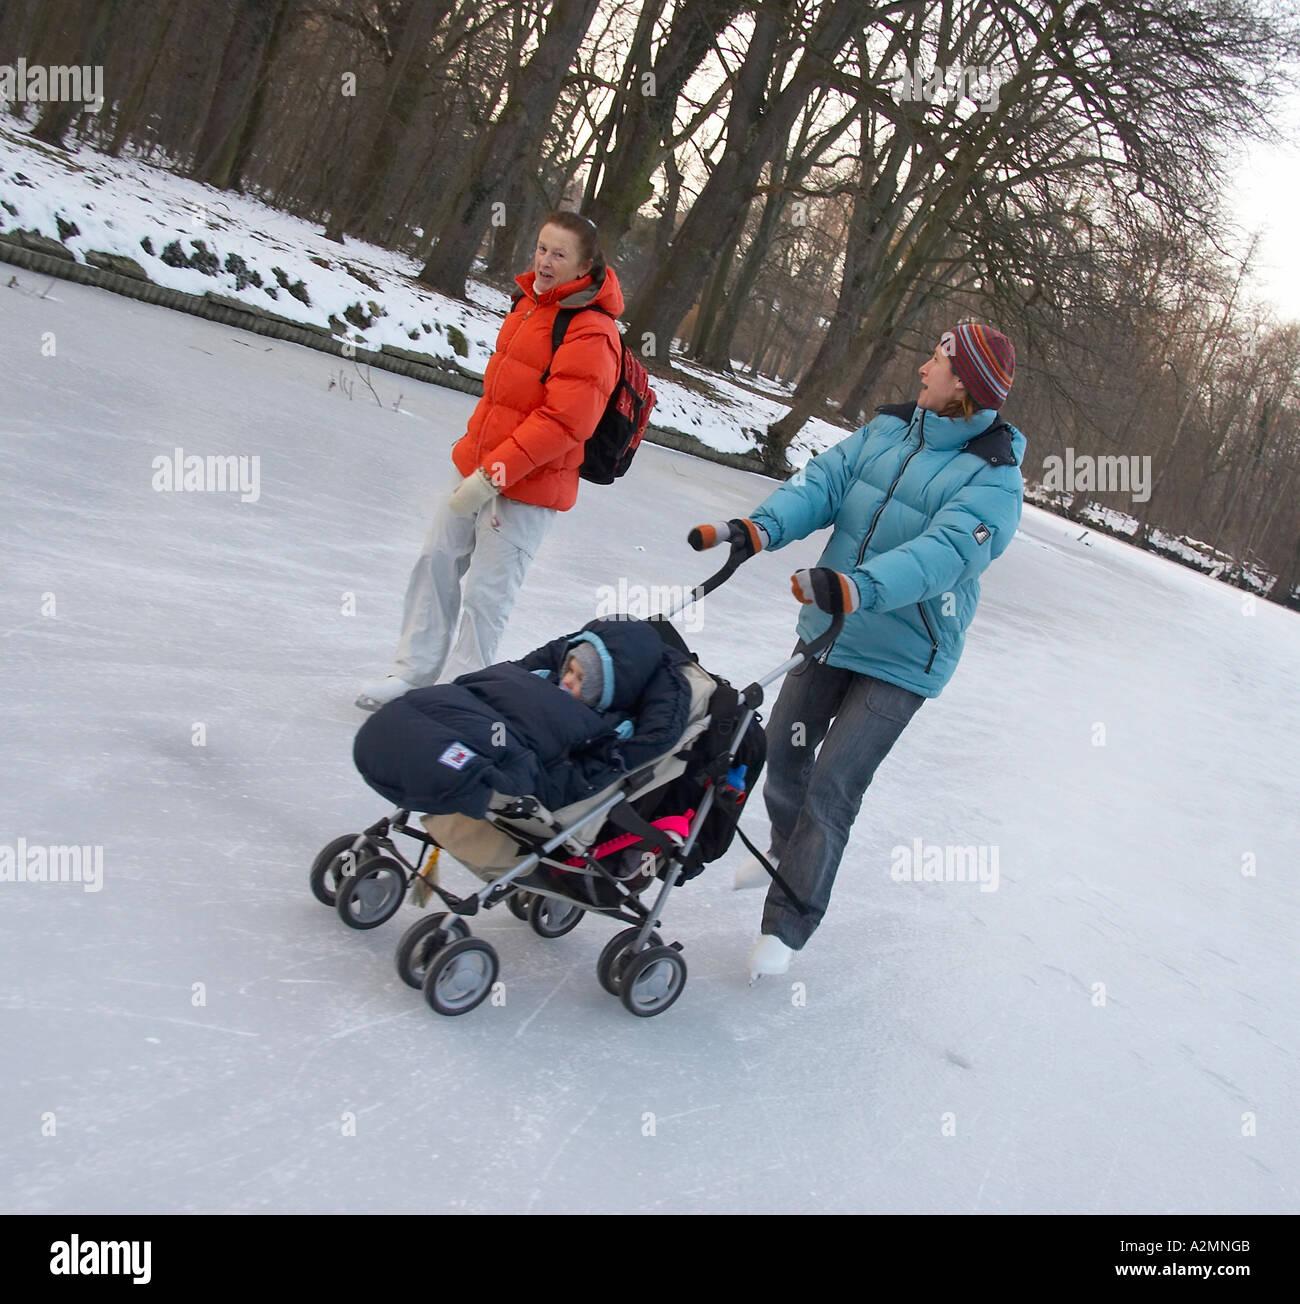 nouvelle arrivee e264e 91777 Patin à glace avec bébé Banque D'Images, Photo Stock ...